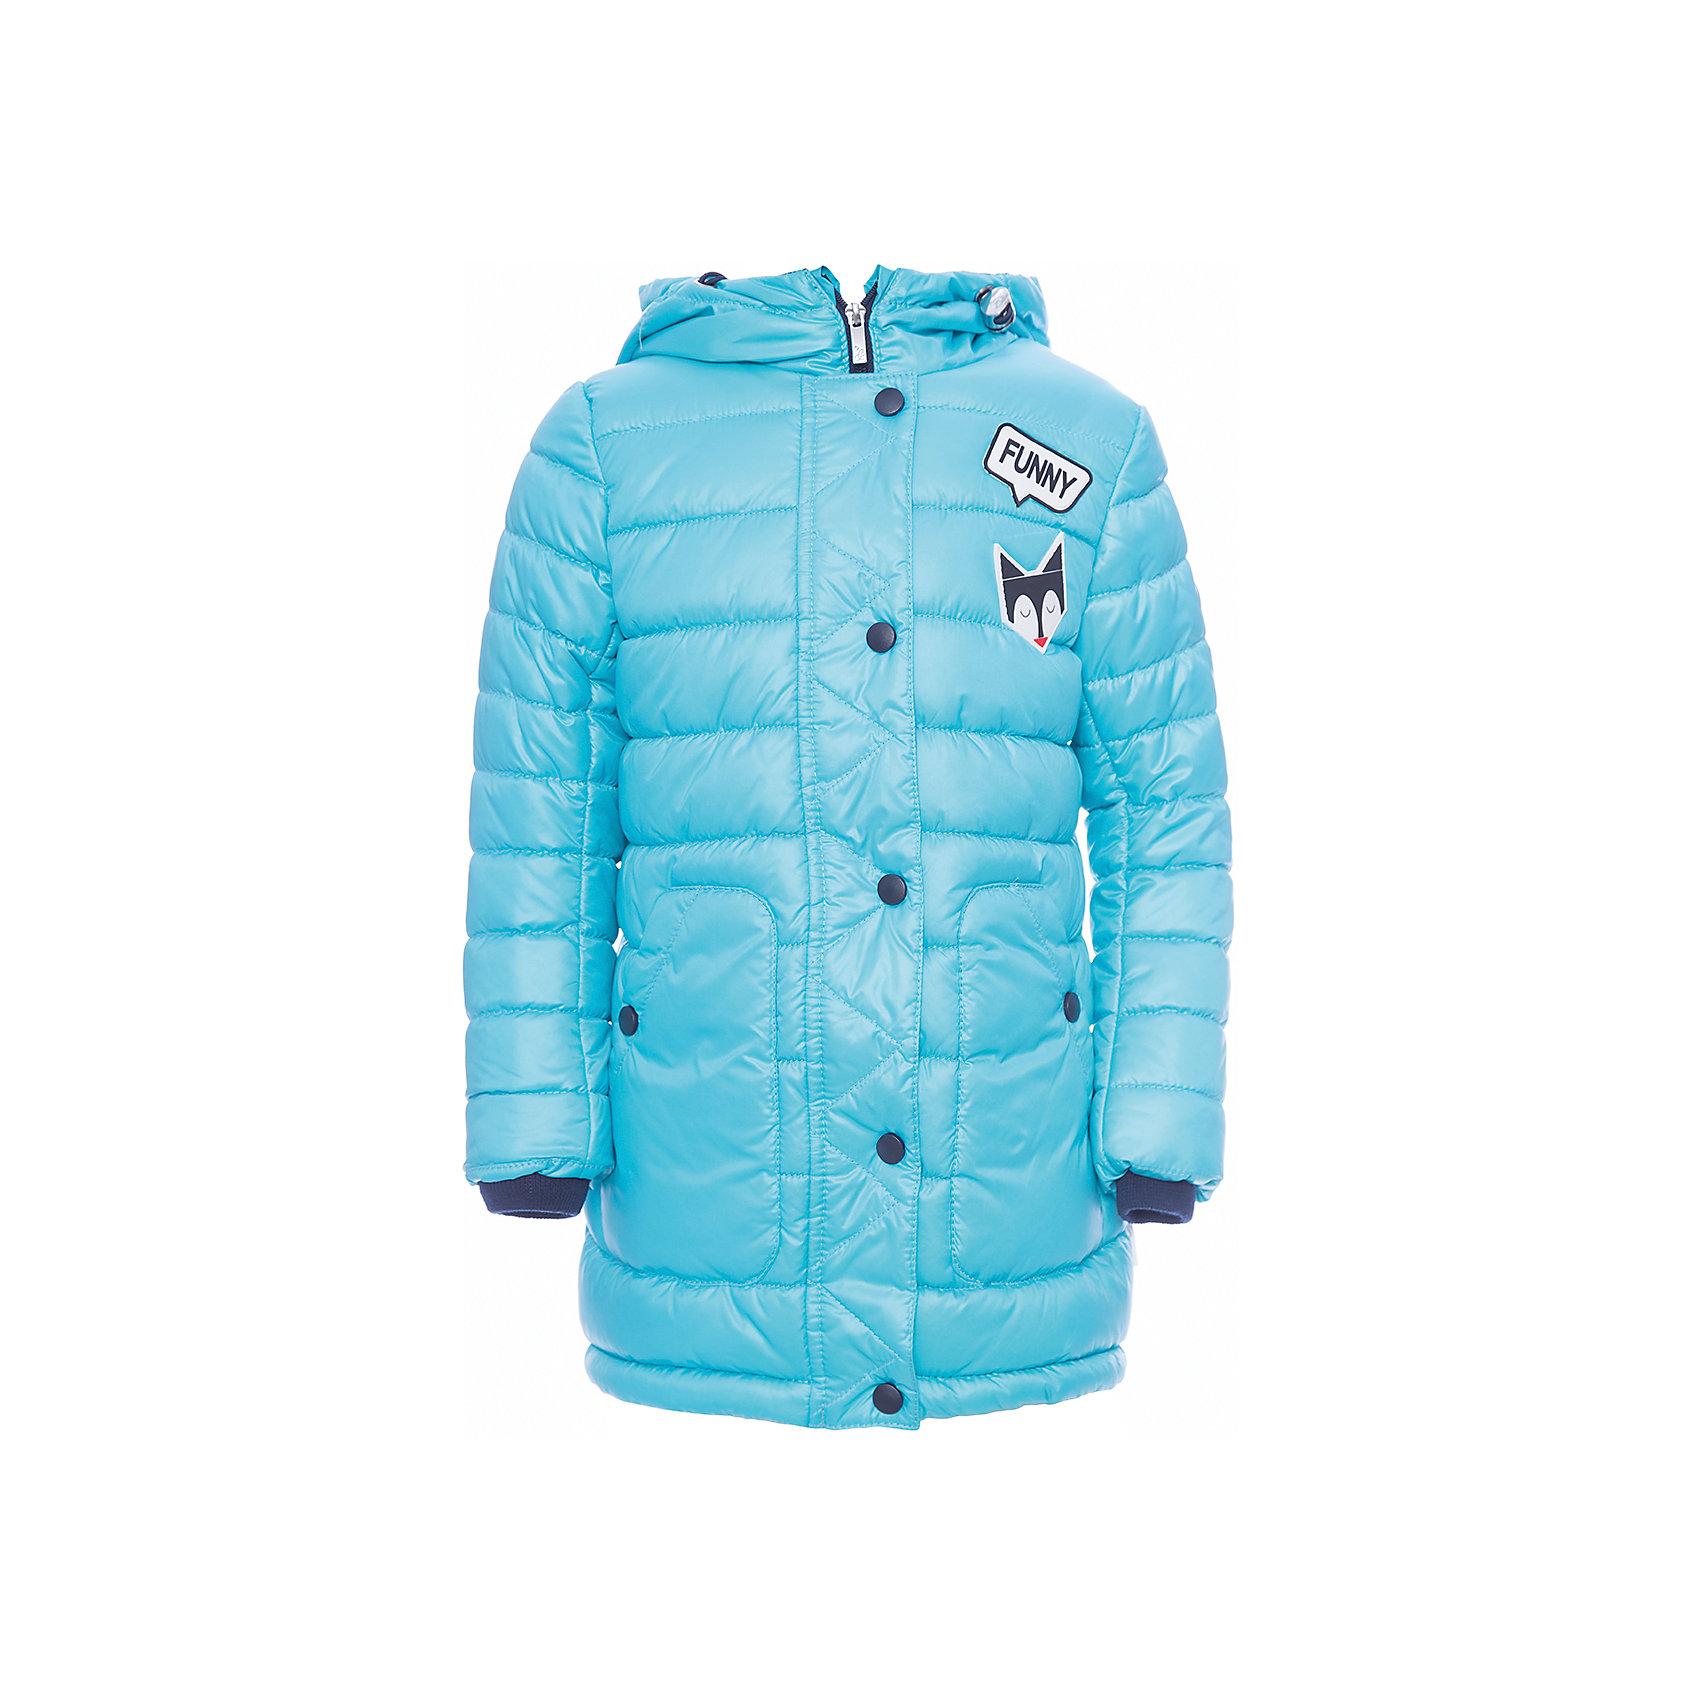 Пальто BOOM by Orby для девочкиВерхняя одежда<br>Характеристики товара:<br><br>• цвет:синий<br>• ткань верха: Таффета oil cire pu milky <br>• подкладка: ПЭ пуходержащий<br>• утеплитель: Flexy Fiber 200 г/м2<br>• сезон: демисезон<br>• температурный режим: от -5°до +10°С<br>• особенности: на молнии, стеганая<br>• тип пальто: стеганое<br>• капюшон: без меха, несъемный<br>• страна бренда: Россия<br>• страна изготовитель: Россия<br><br>Принтованное демисезонное пальто для девочки отличается стильным силуэтом и большими накладными карманами. Стеганое пальто благодаря утеплителю согреет ребенка даже в небольшие морозы.<br><br>Пальто BOOM by Orby для девочки можно купить в нашем интернет-магазине.<br><br>Ширина мм: 356<br>Глубина мм: 10<br>Высота мм: 245<br>Вес г: 519<br>Цвет: зеленый<br>Возраст от месяцев: 144<br>Возраст до месяцев: 156<br>Пол: Женский<br>Возраст: Детский<br>Размер: 158,152,146,140,134,128,122,116,98,110,104,170,164<br>SKU: 7007136